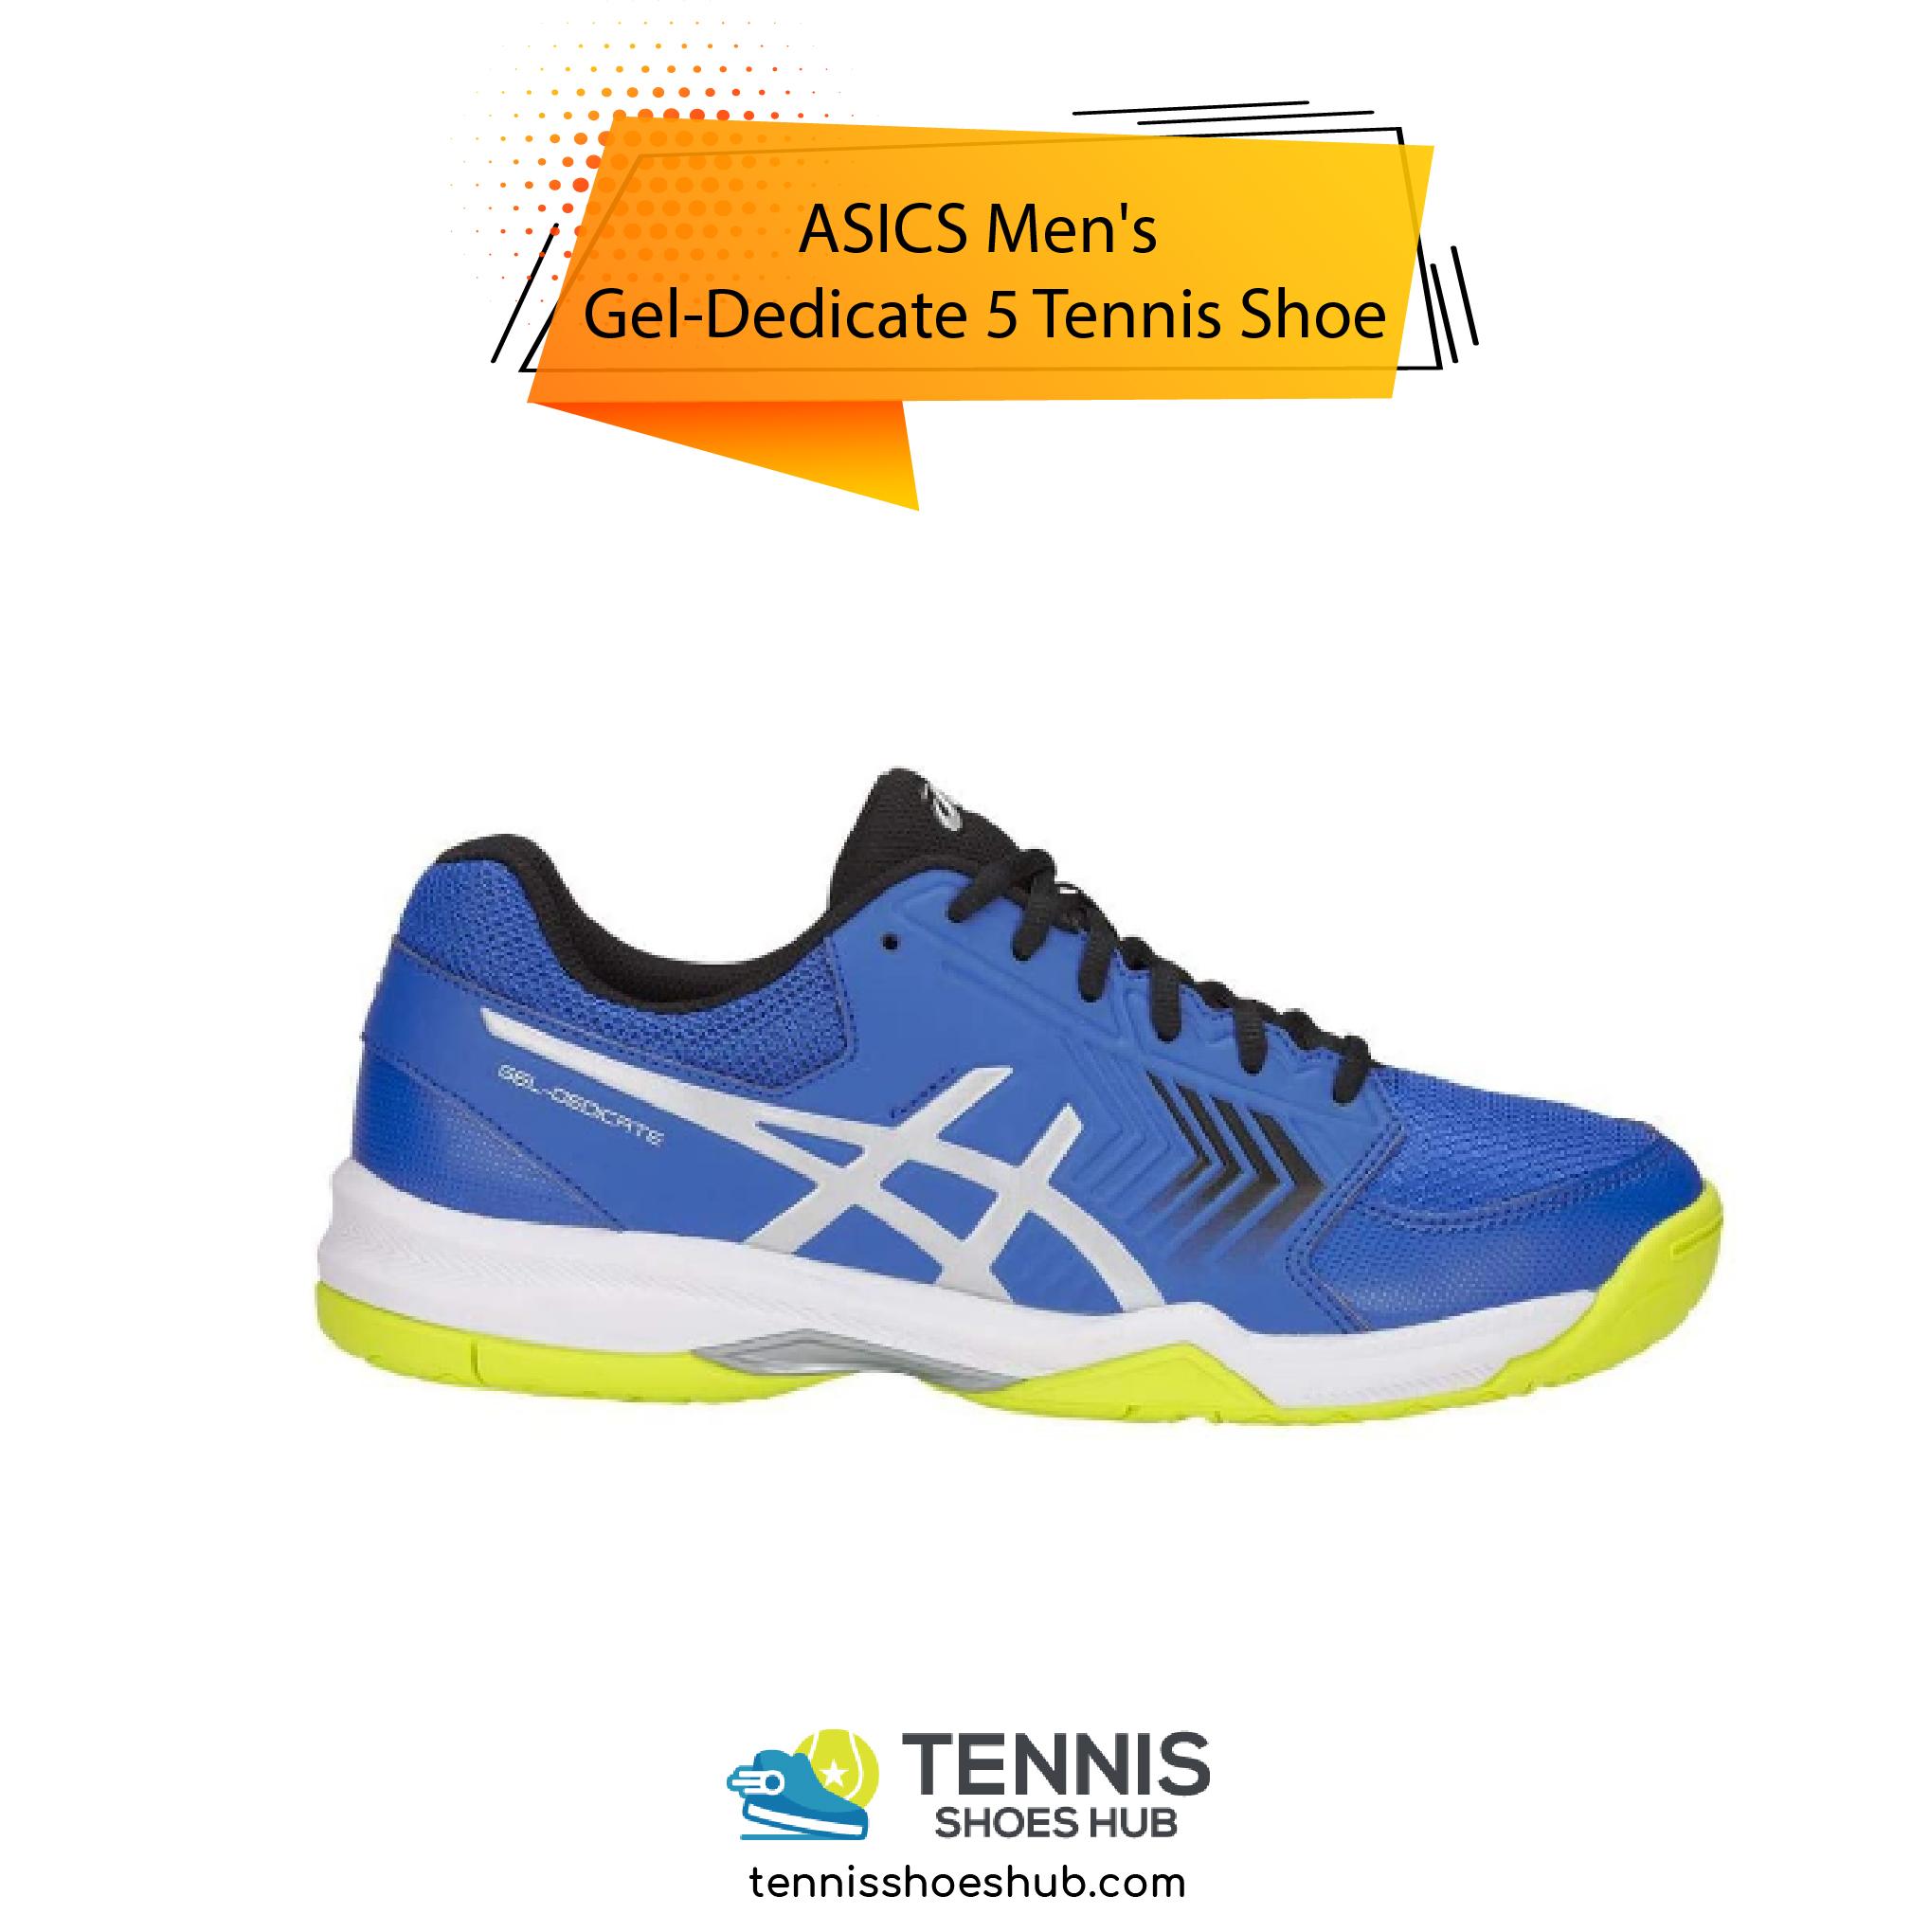 ASICS Mens Gel Dedicate 5 Tennis Shoe 01